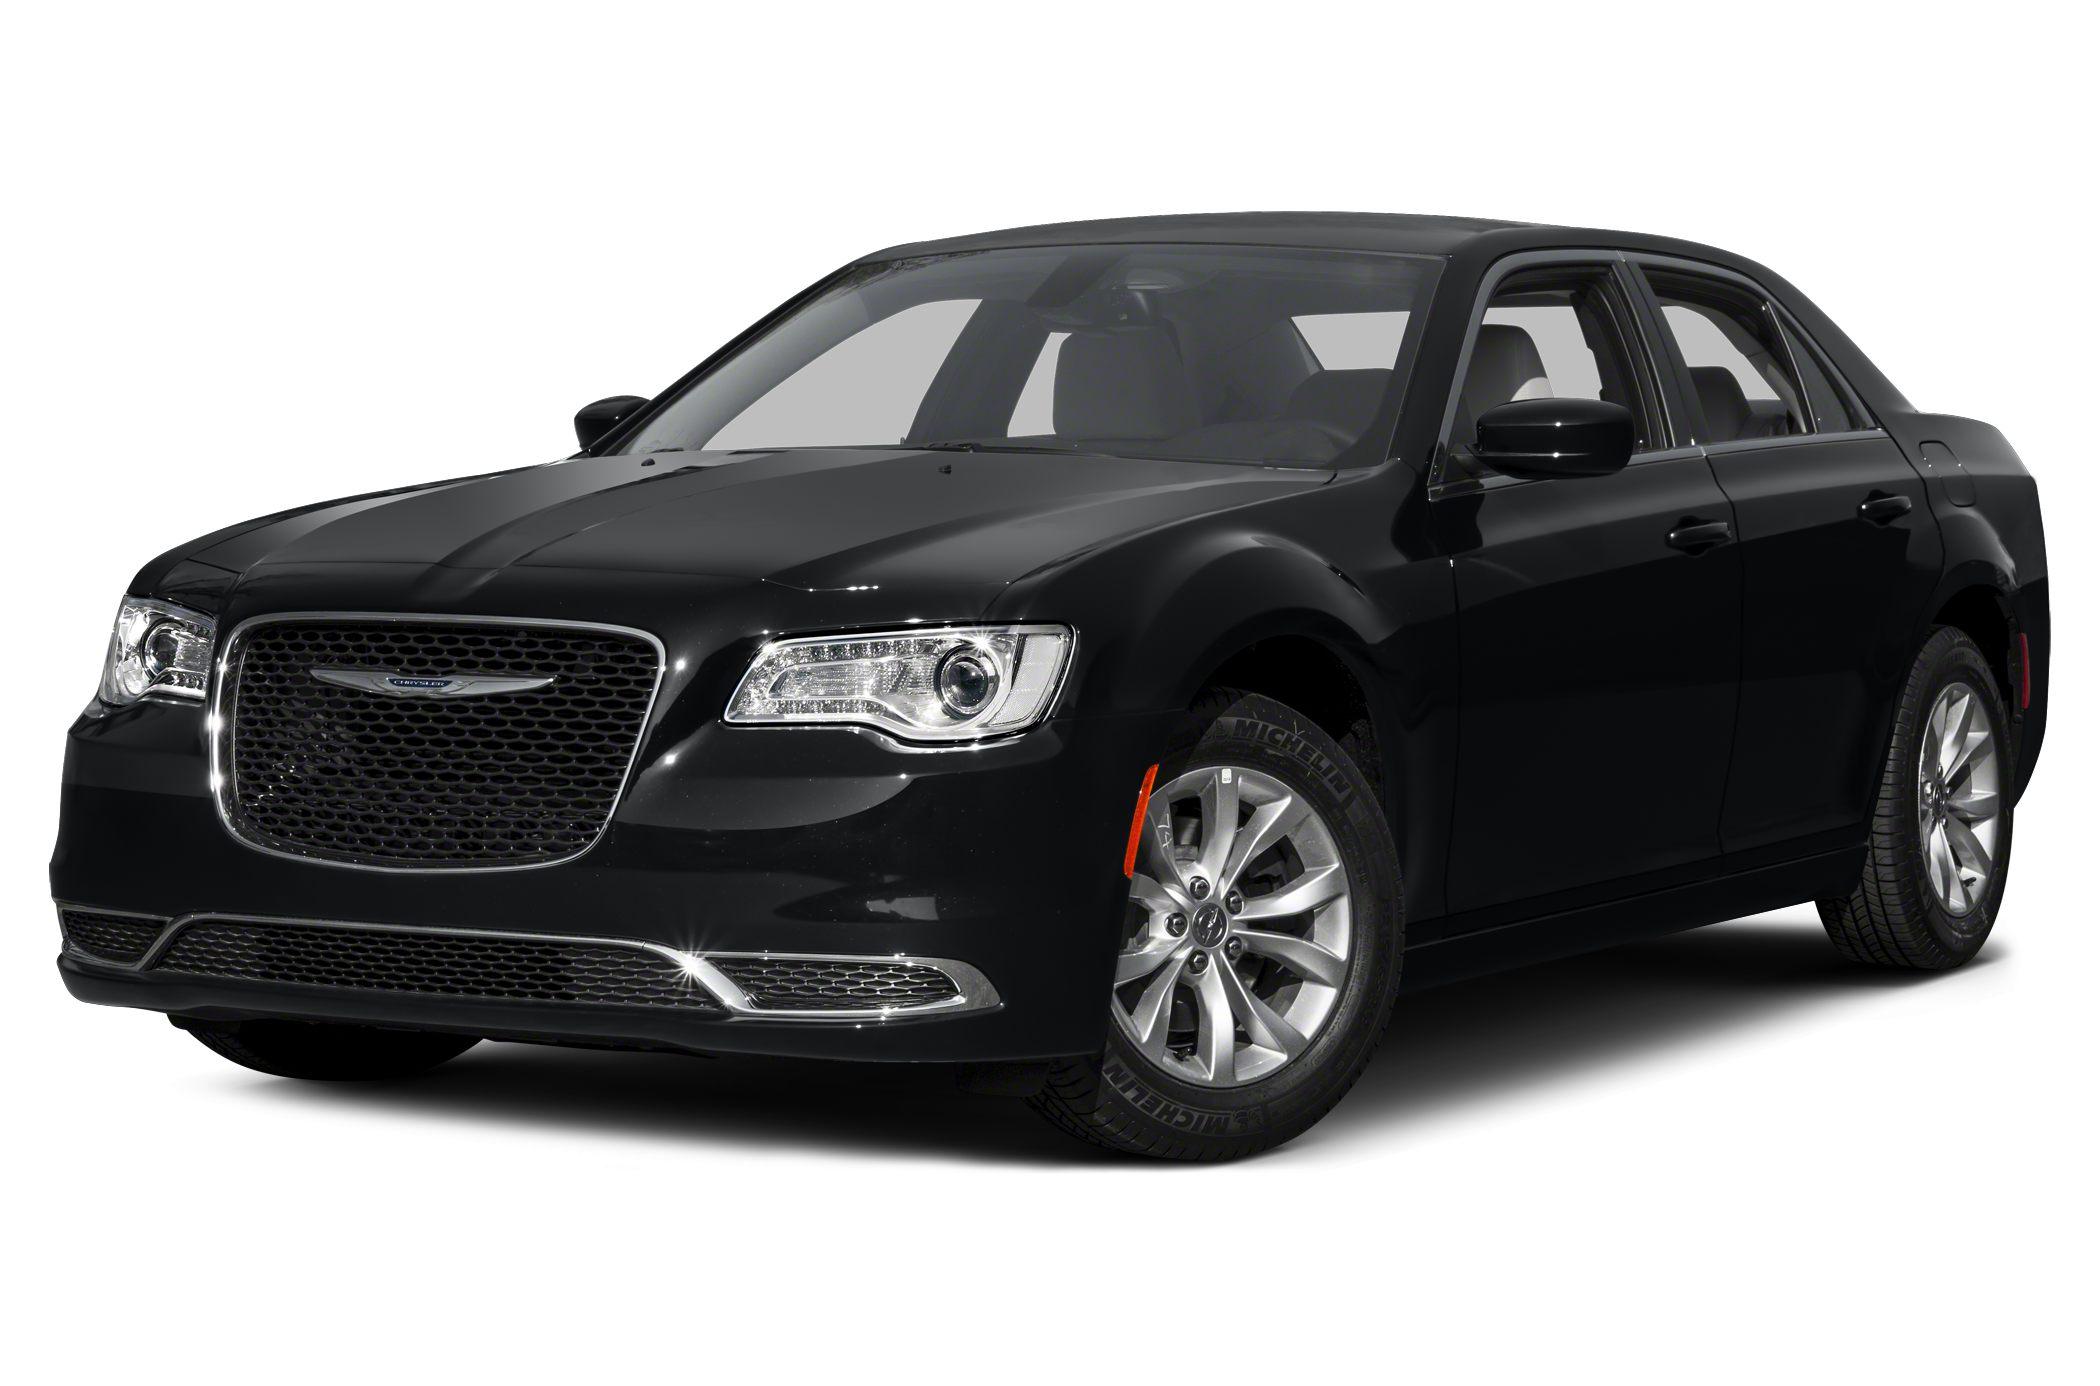 Chrysler Cars 2015 5 Wide Car Wallpaper